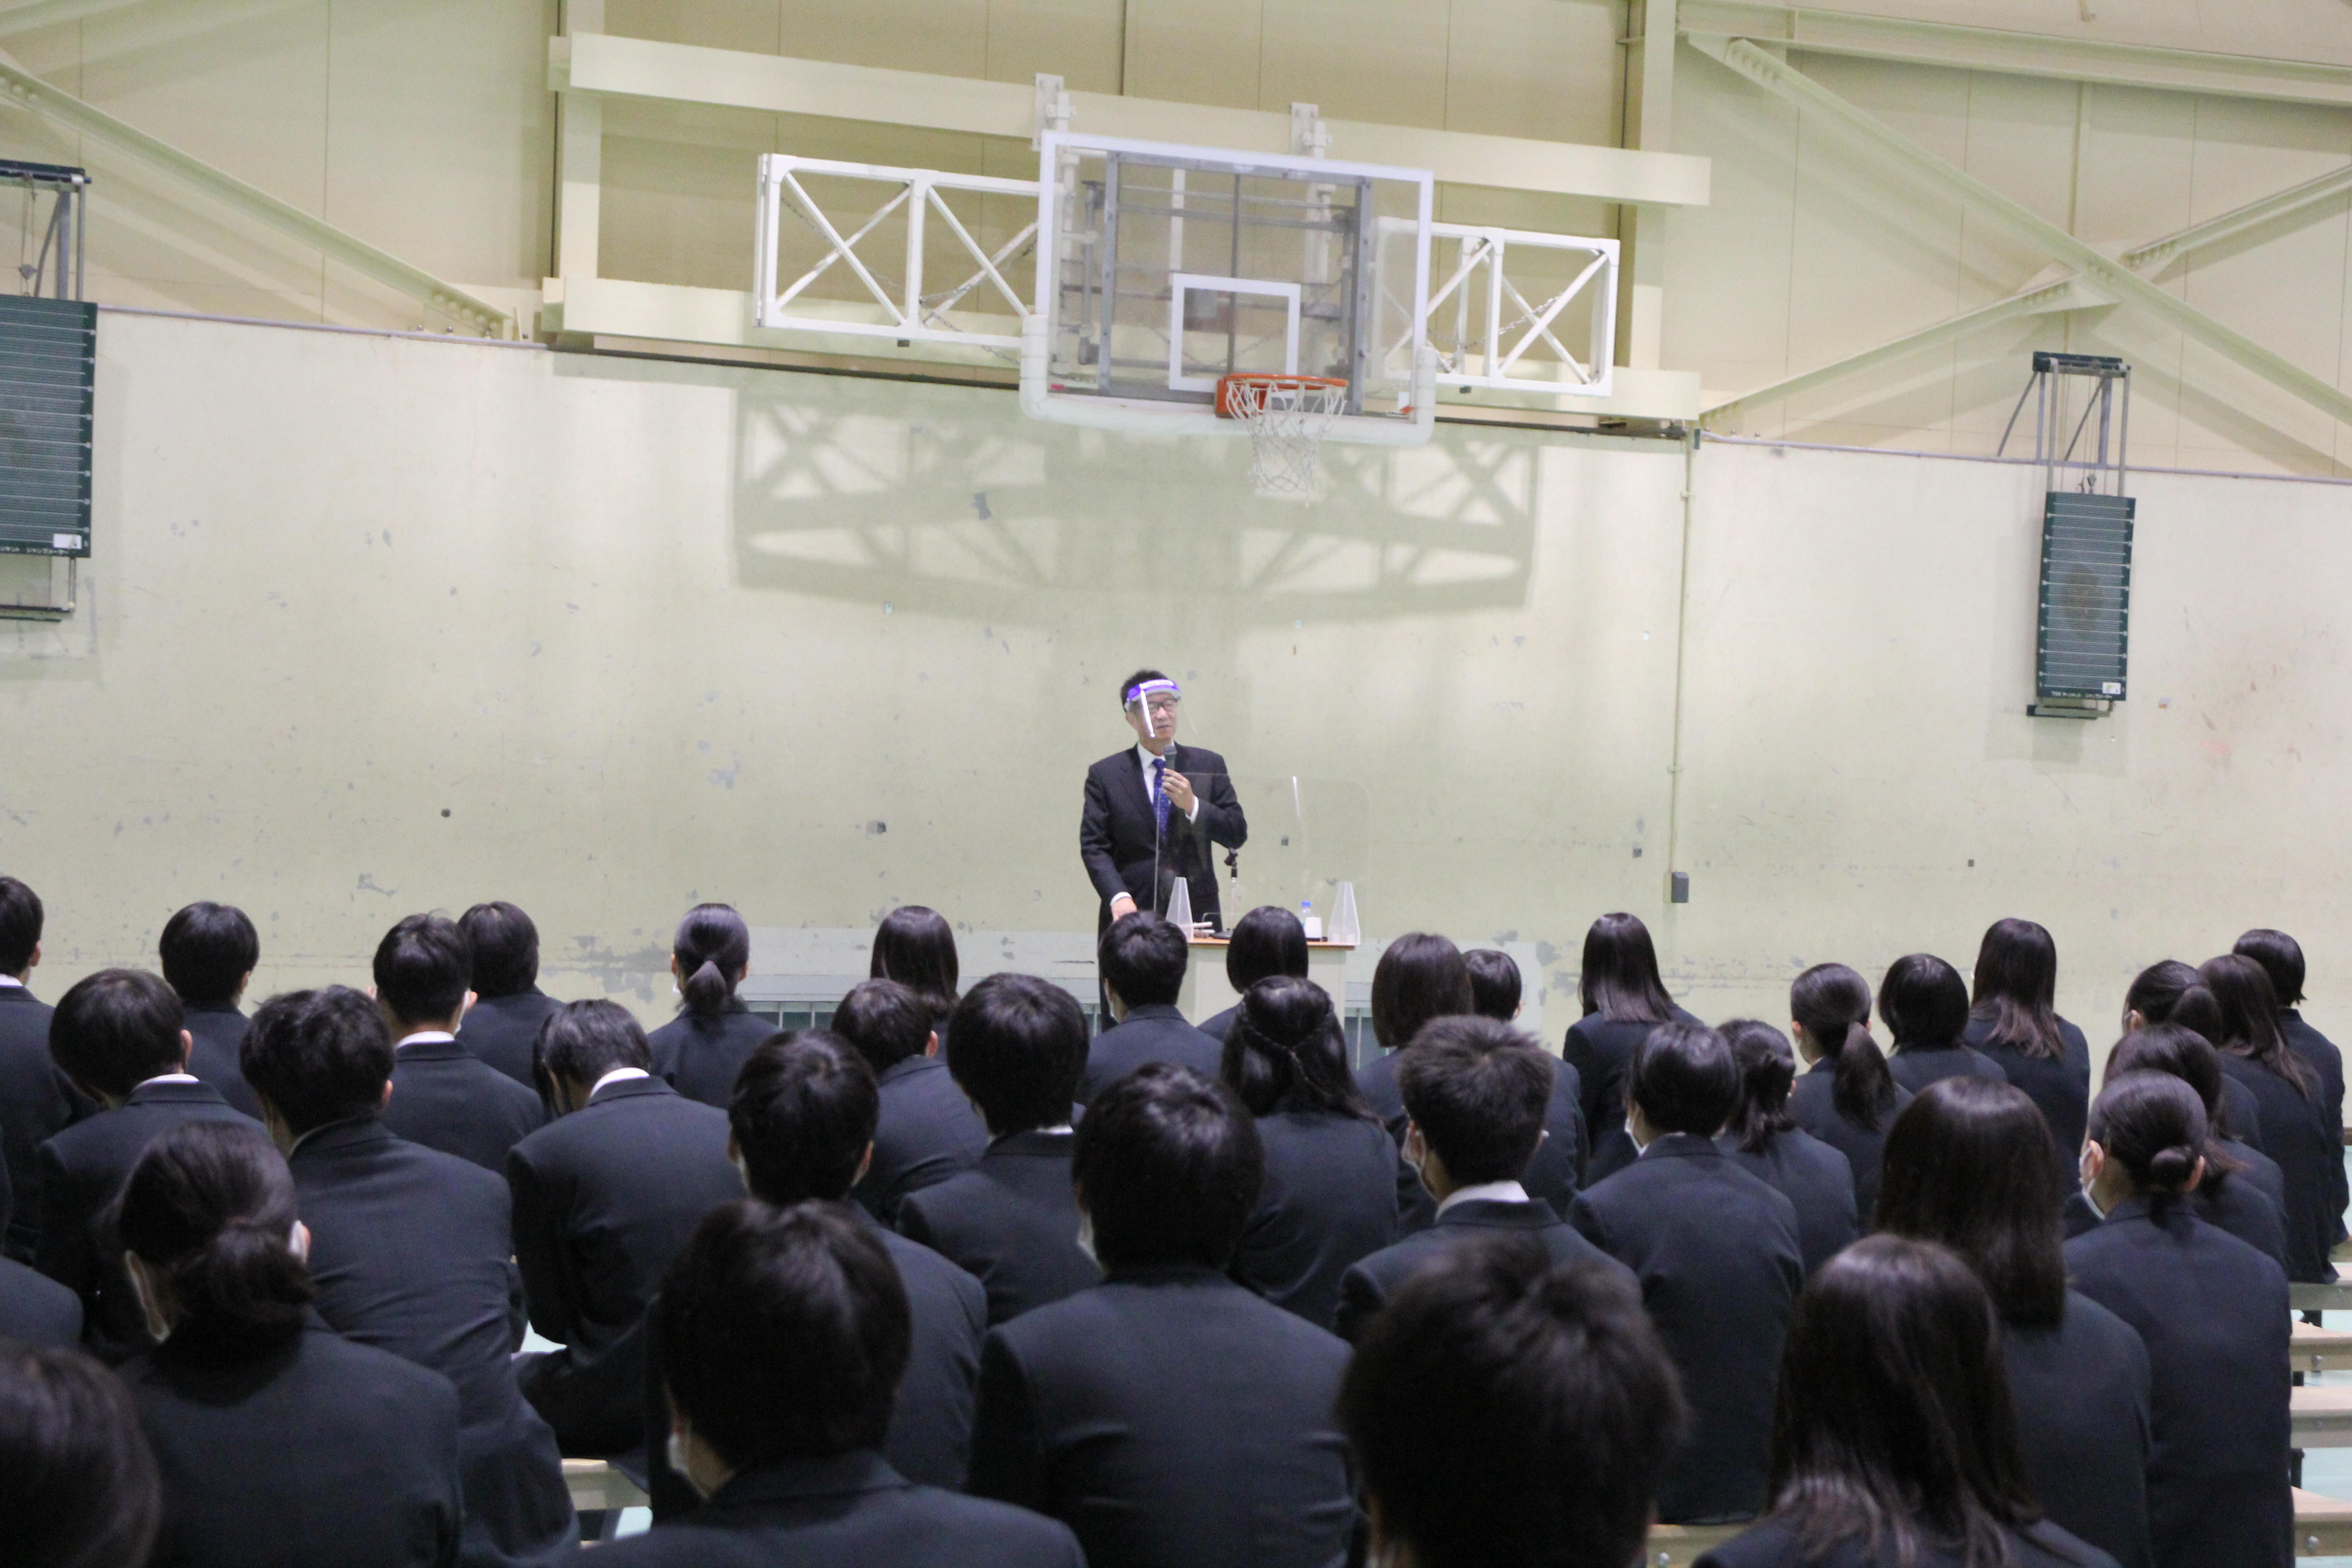 http://www.kyoto-be.ne.jp/kouyou-hs/mt/school_life/images/IMG_0251.JPG